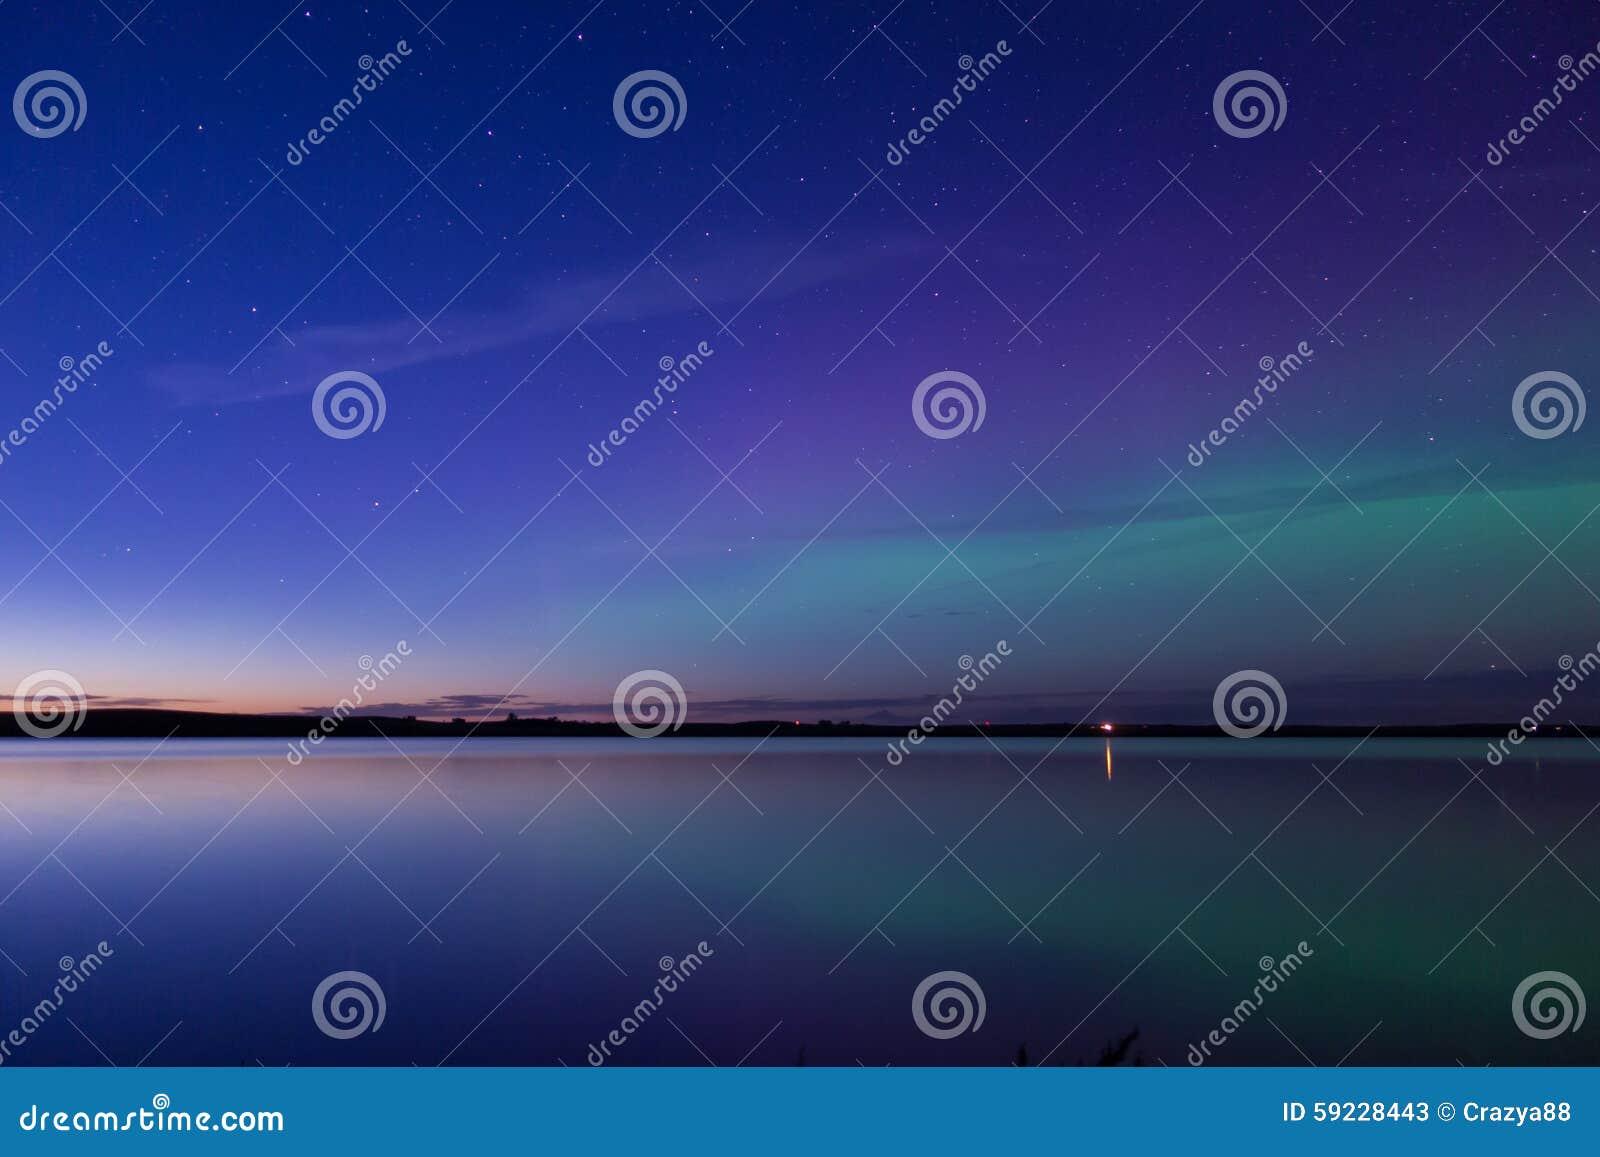 Aurora Borealis Reflected Over A Lake Stock Image Image Of Legendary Sunset 59228443